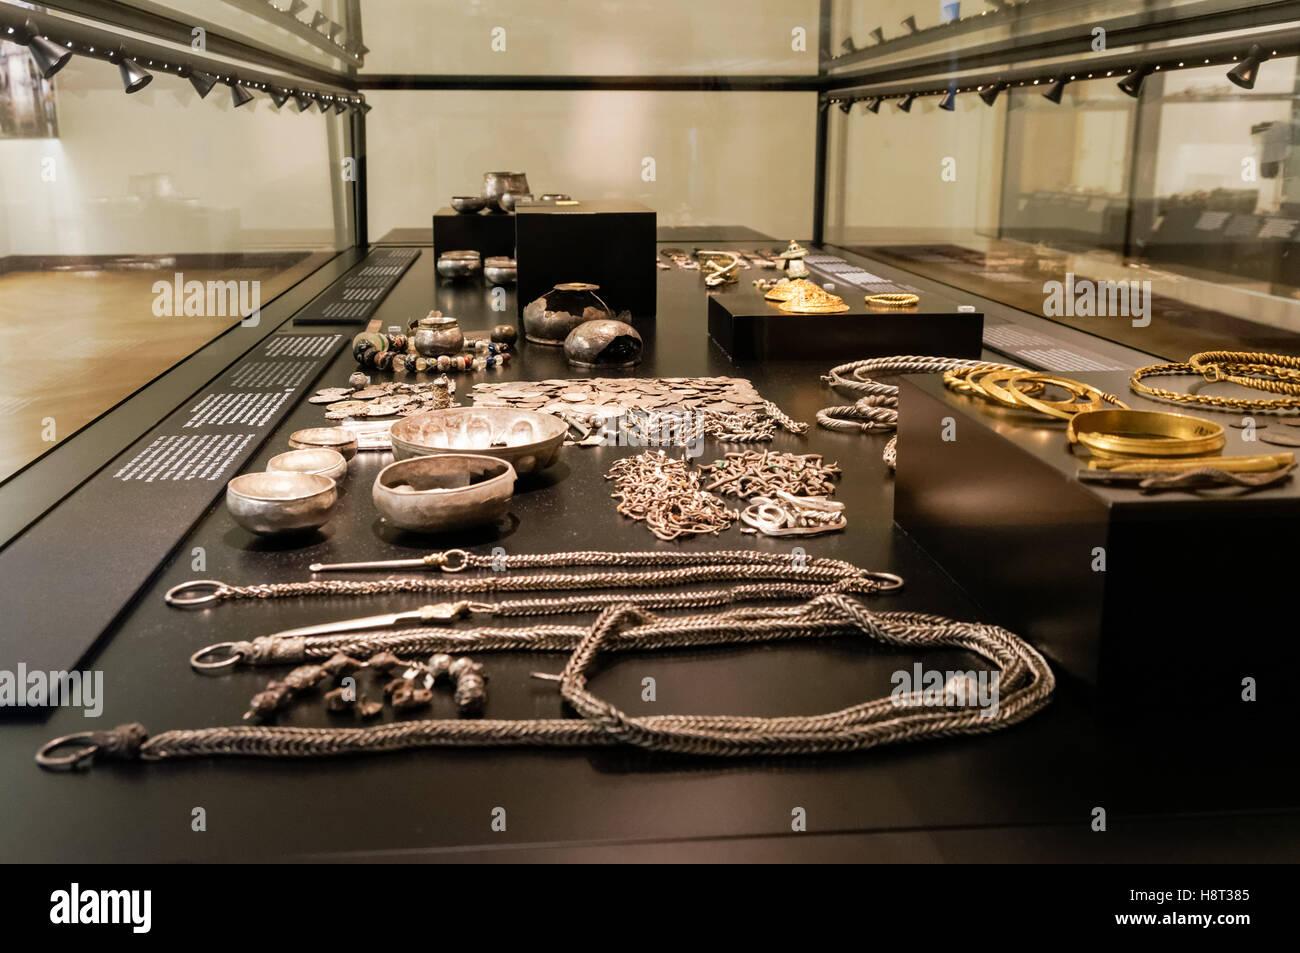 Argento accaparrare da Terslev in Zealand dal decimo secolo, Museo nazionale di Danimarca a Copenaghen, Danimarca Foto Stock